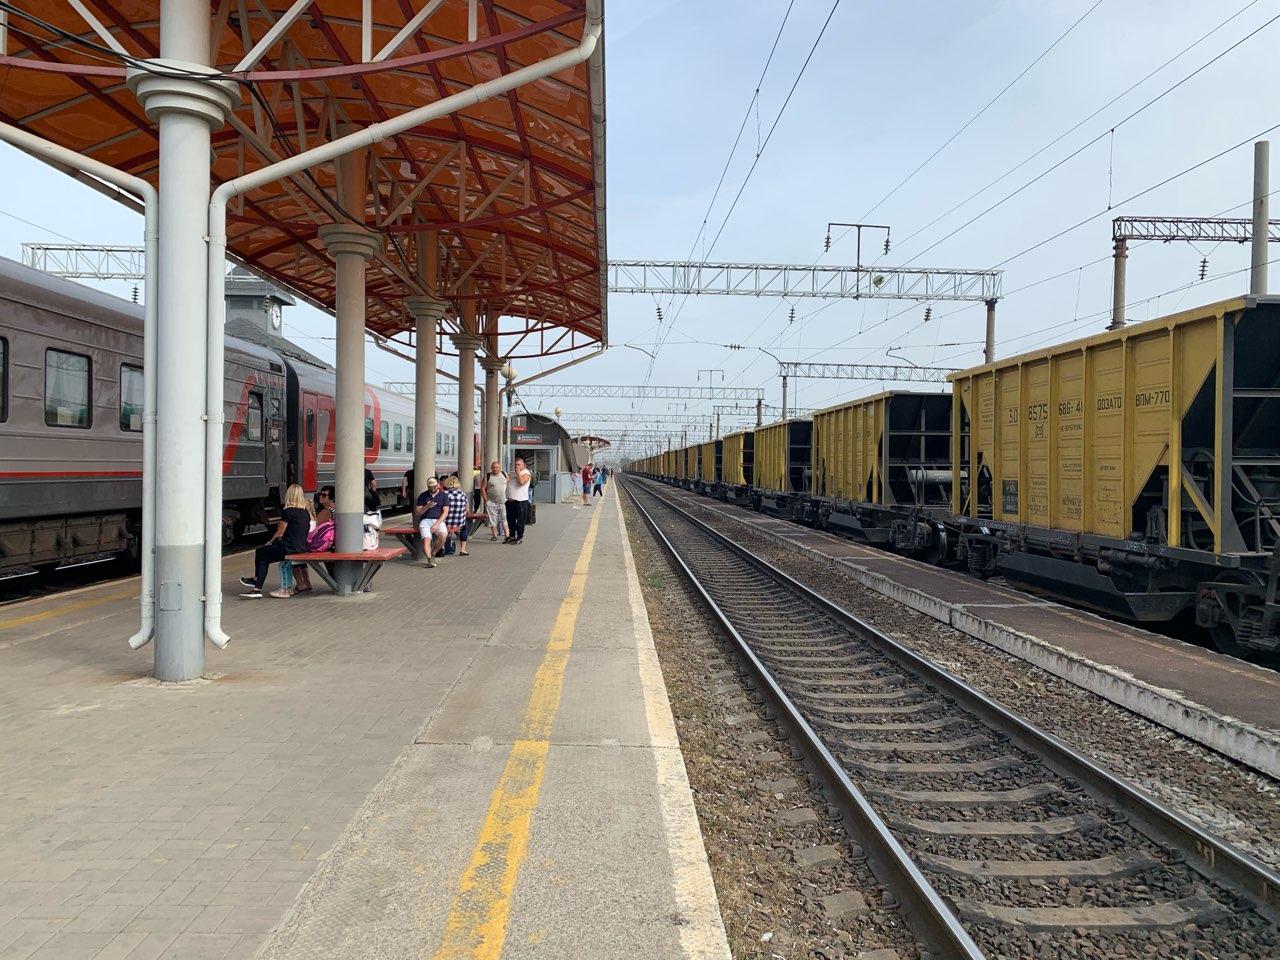 РЖД обновит привокзальную площадь к юбилею Нижнего Новгорода - фото 1